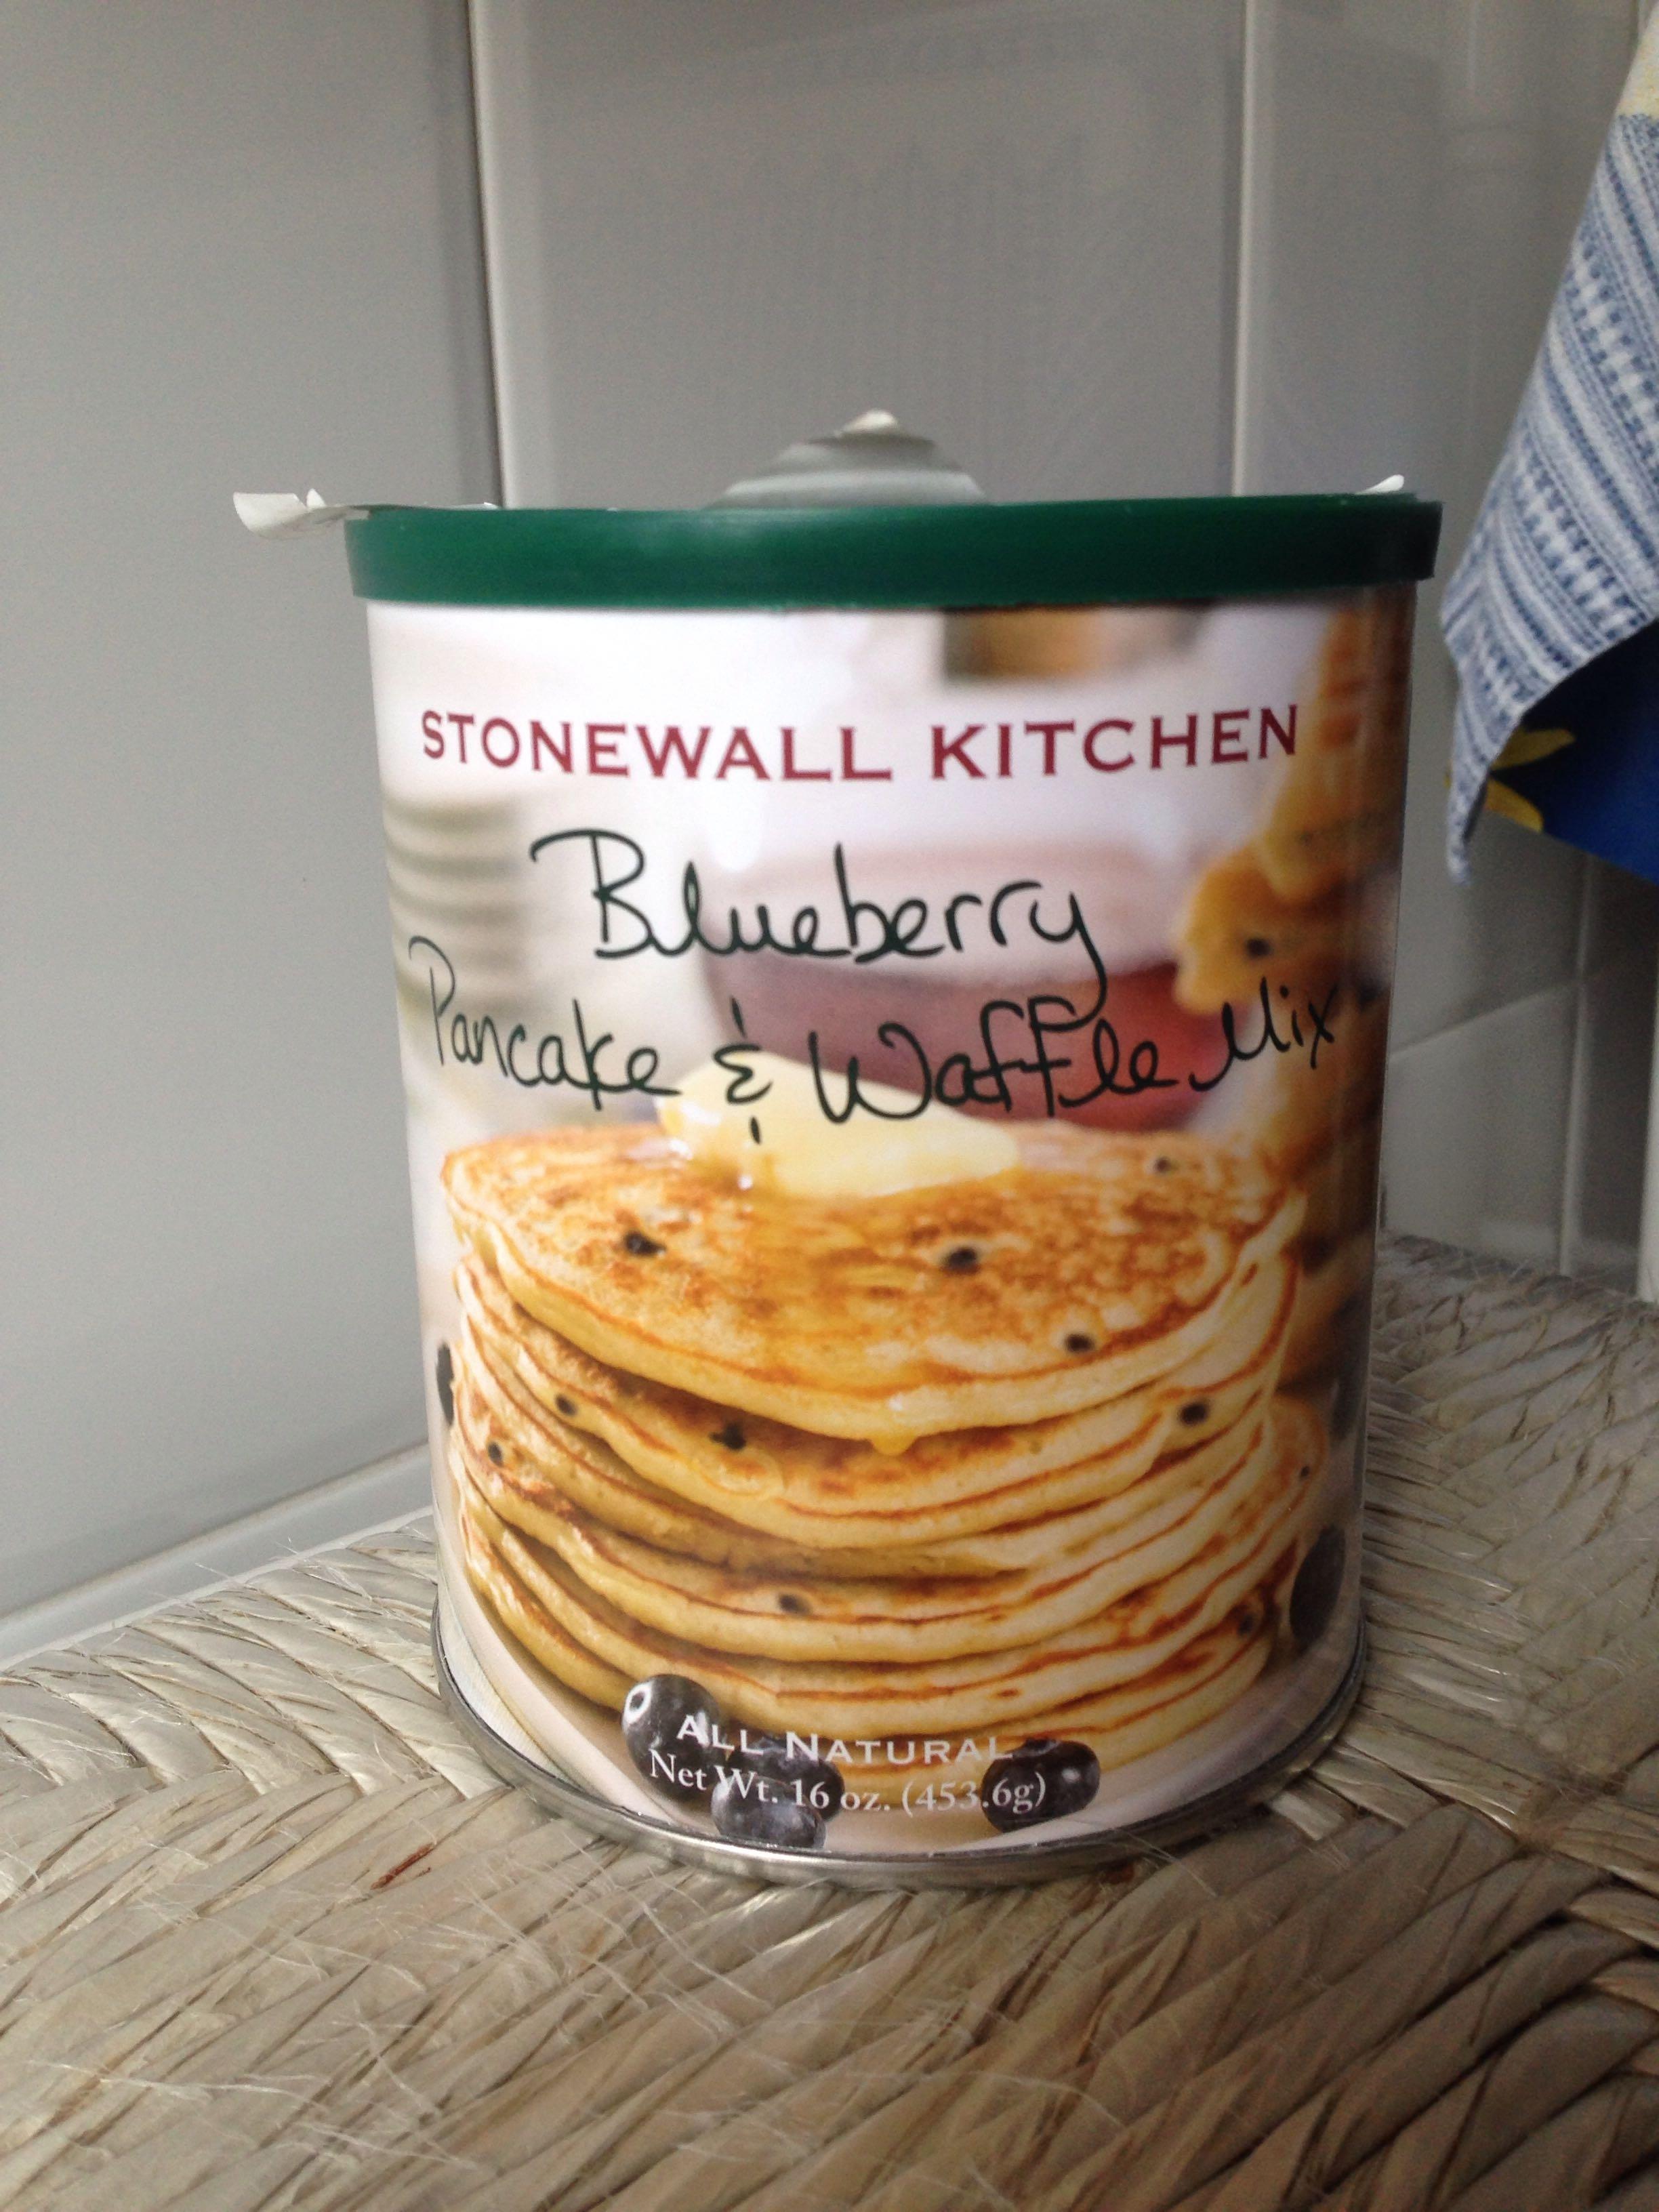 Blueberry pancake & waffle mix - Product